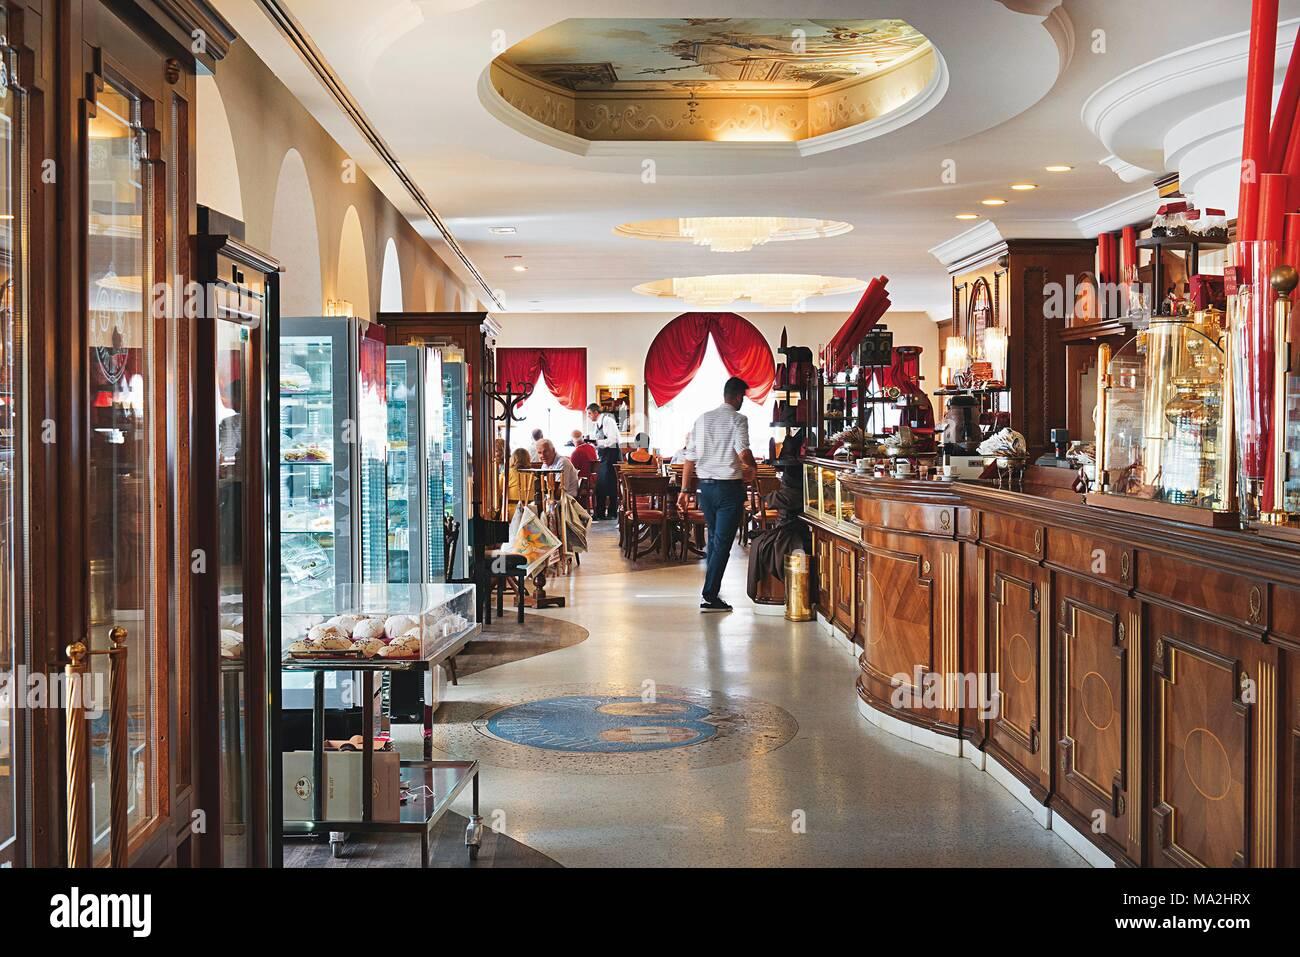 Caffe degli specchi trieste italia foto immagine stock 178308142 alamy - Caffe degli specchi ...